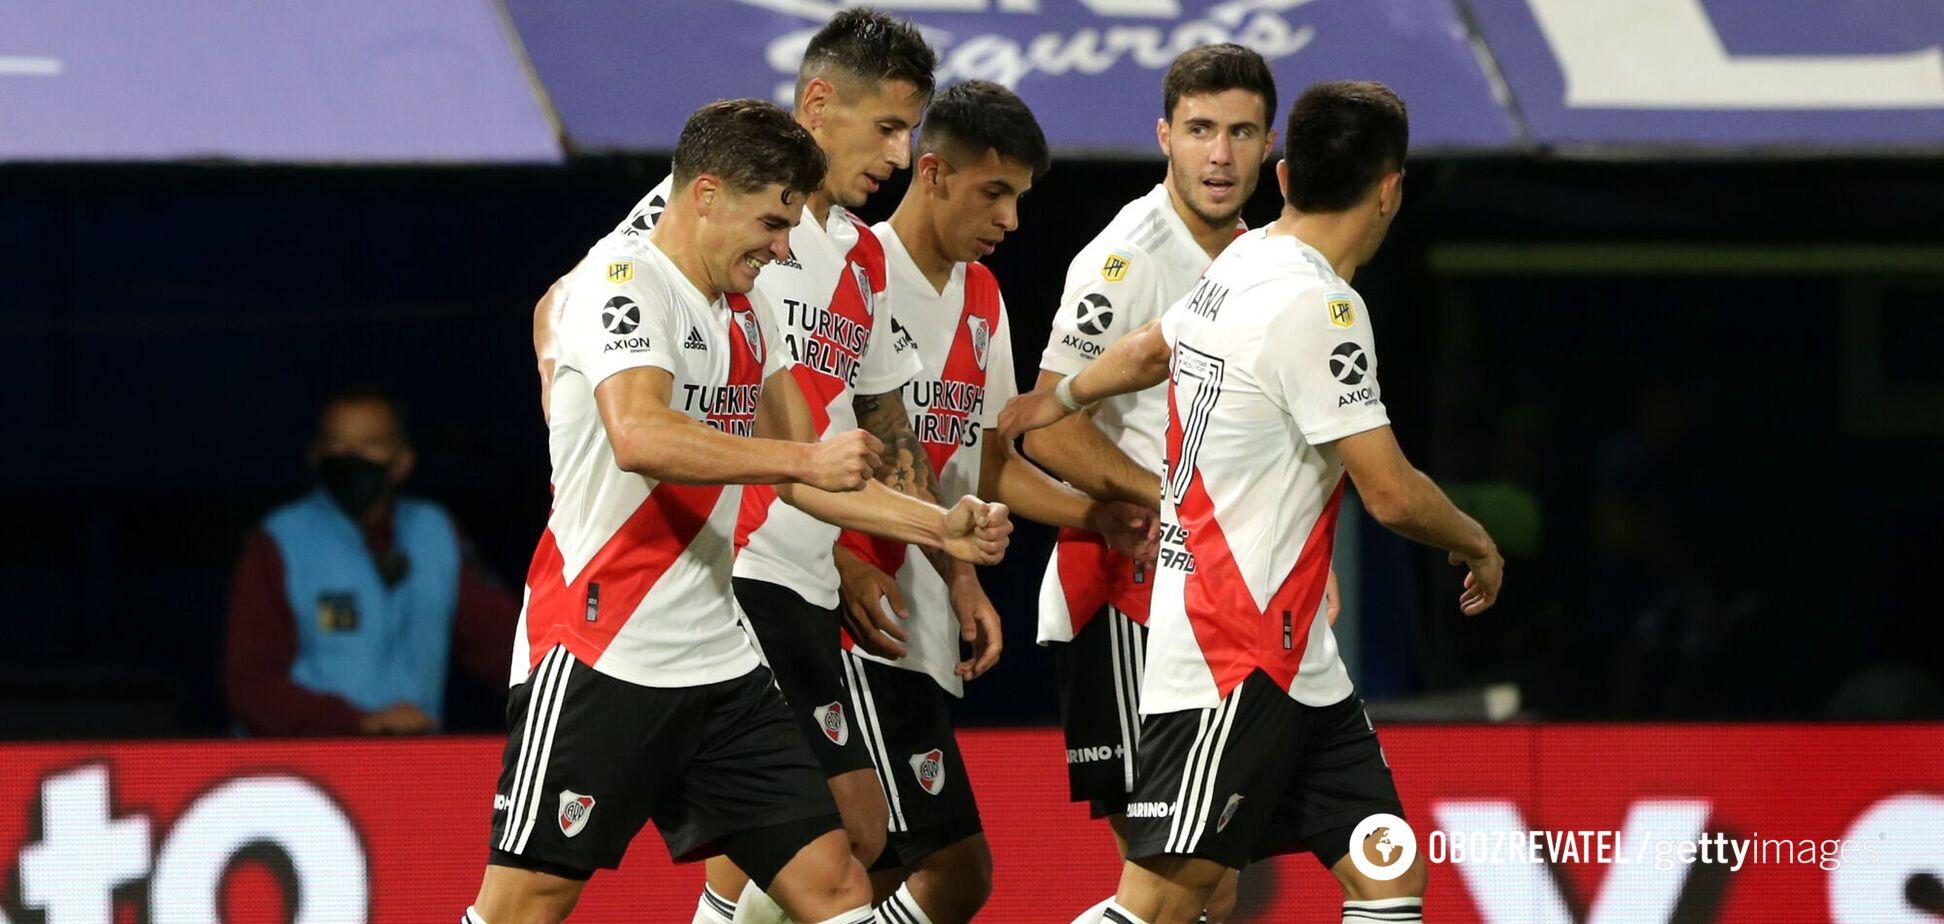 Знаменитый клуб выйдет на матч южноамериканской ЛЧ с полевым игроком в воротах